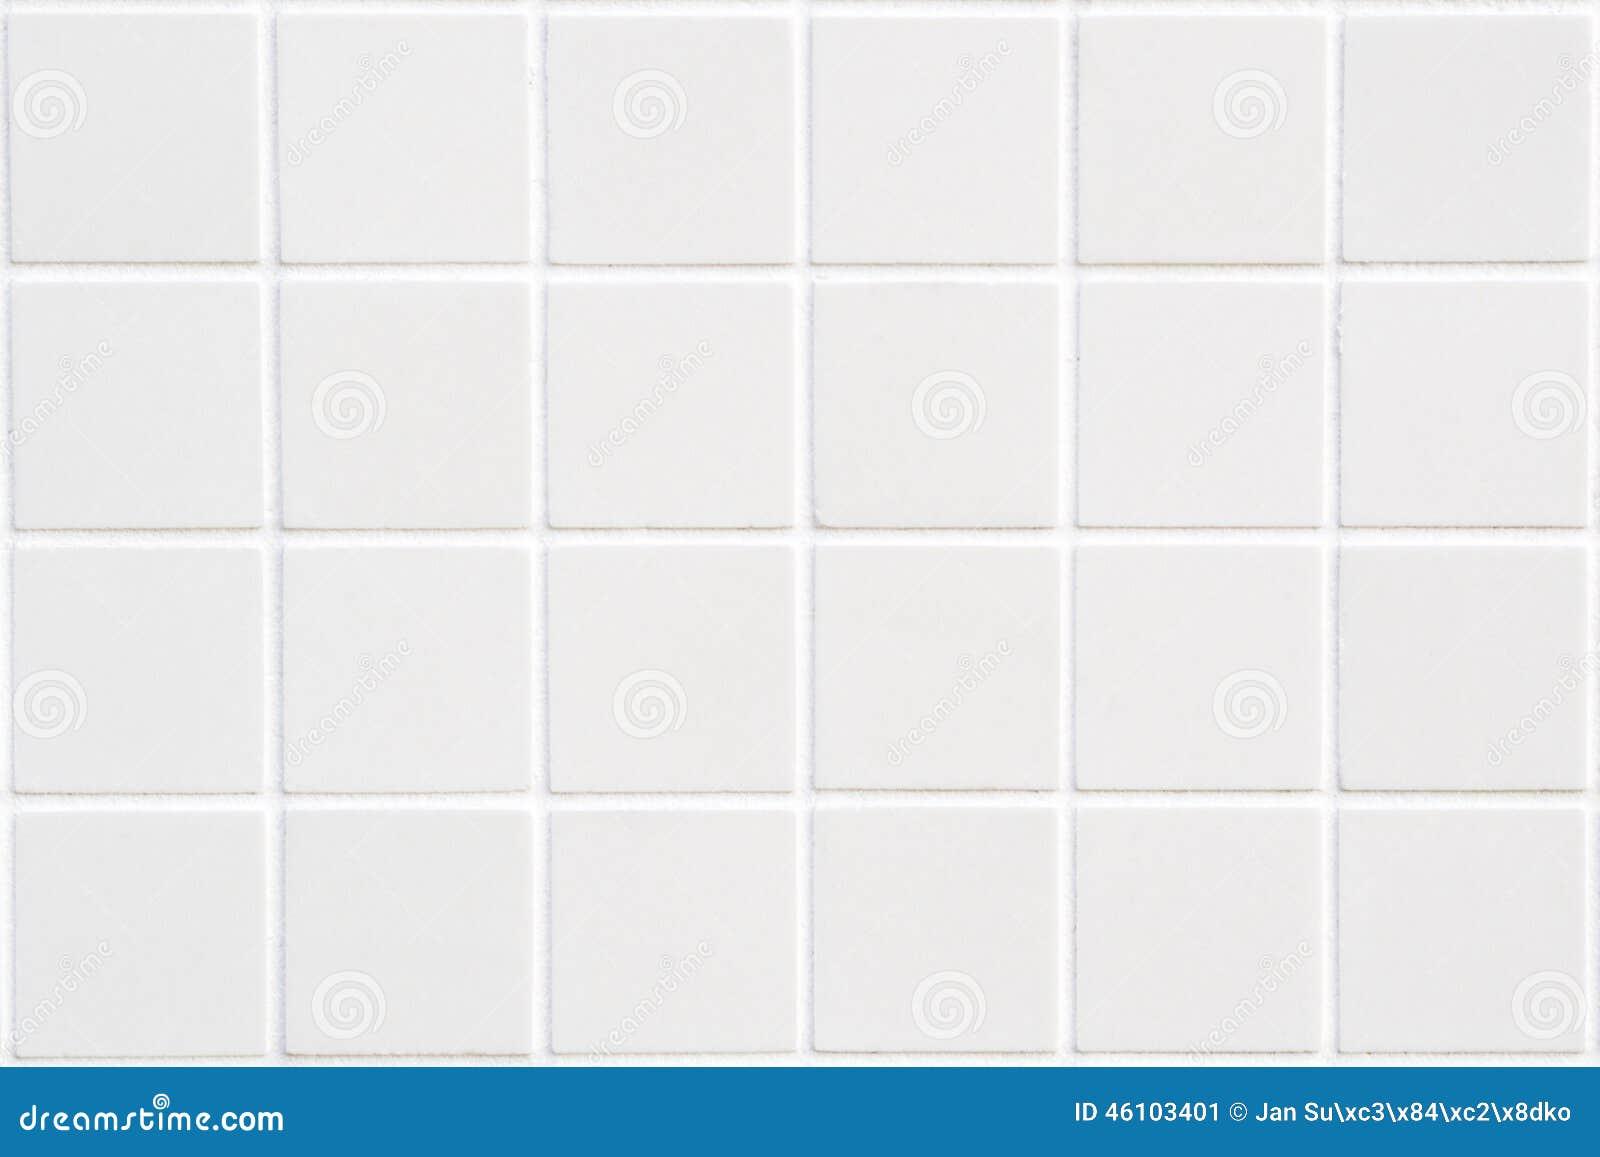 Άσπρο κεραμικό κεραμίδι με 24 τετράγωνα